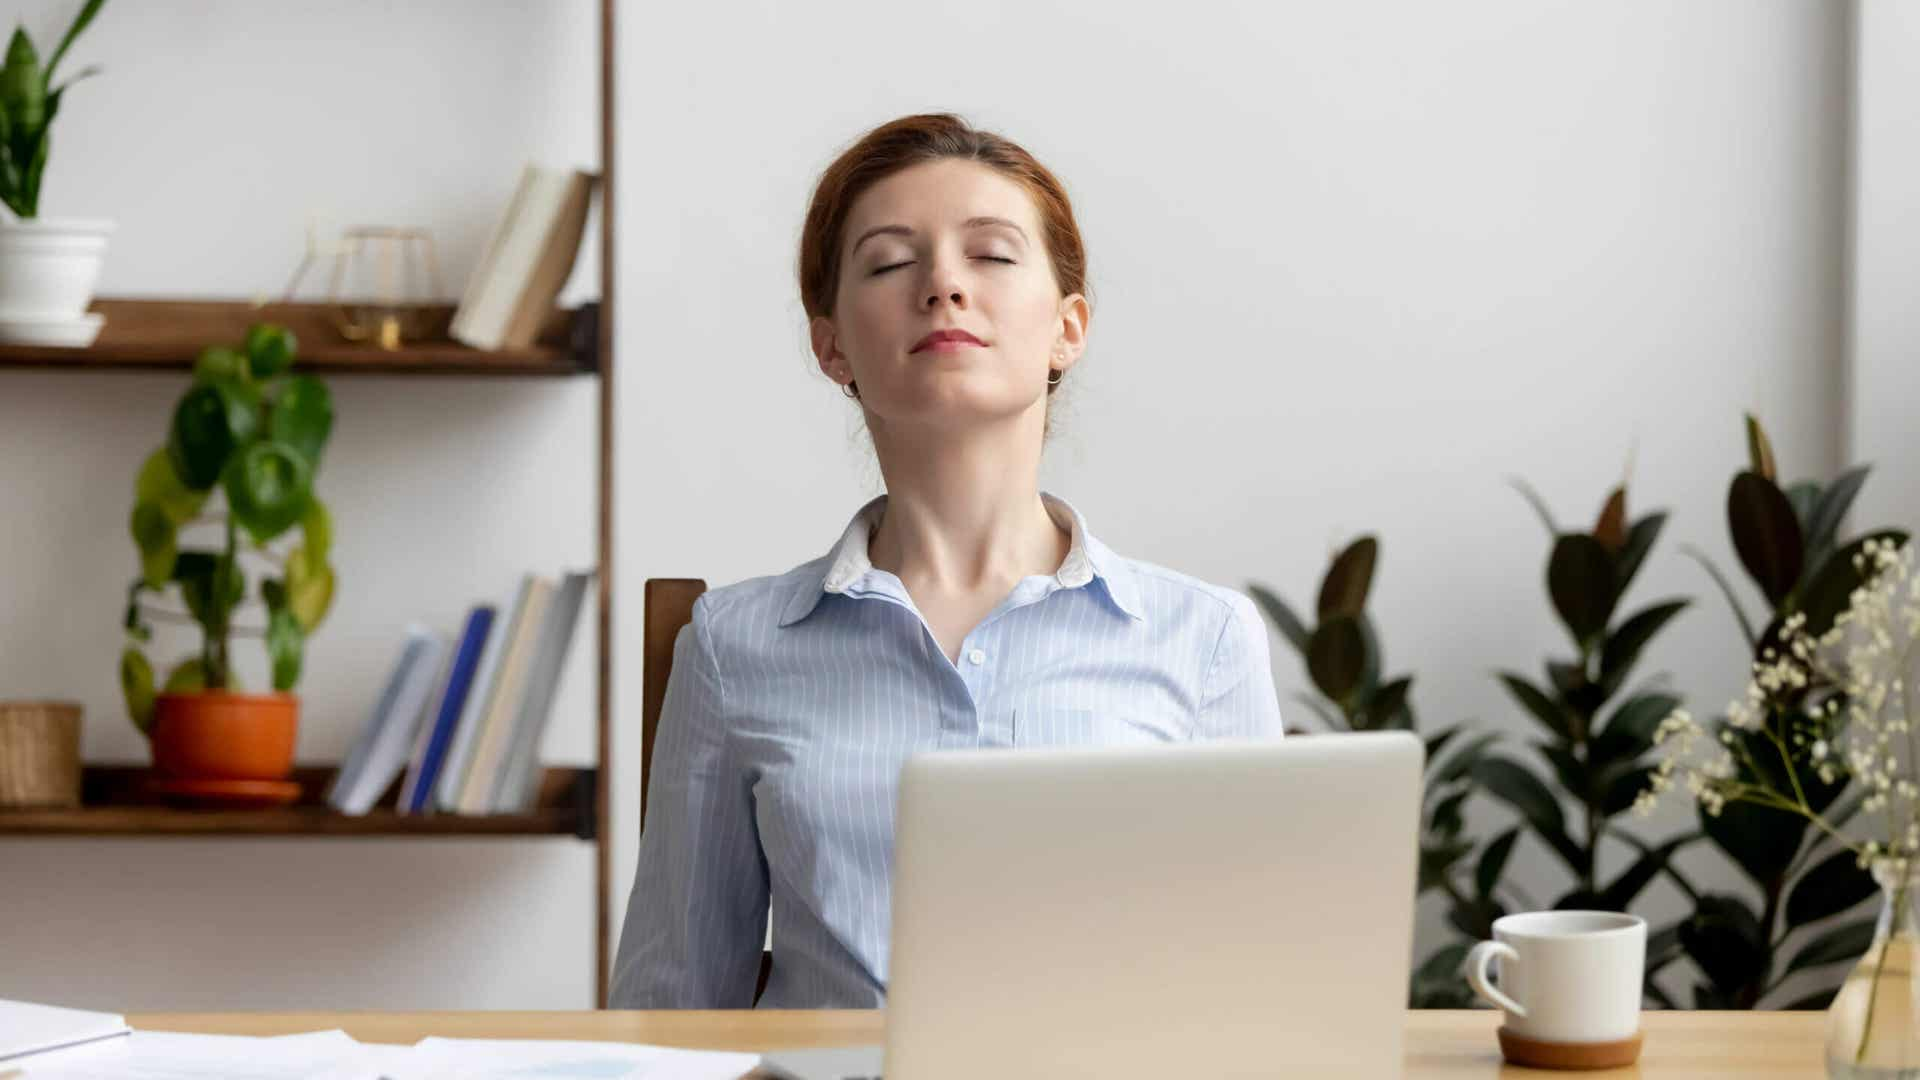 Μπλε φως: μια γυναίκα ξεκουράζεται μπροστά στον υπολογιστή της.